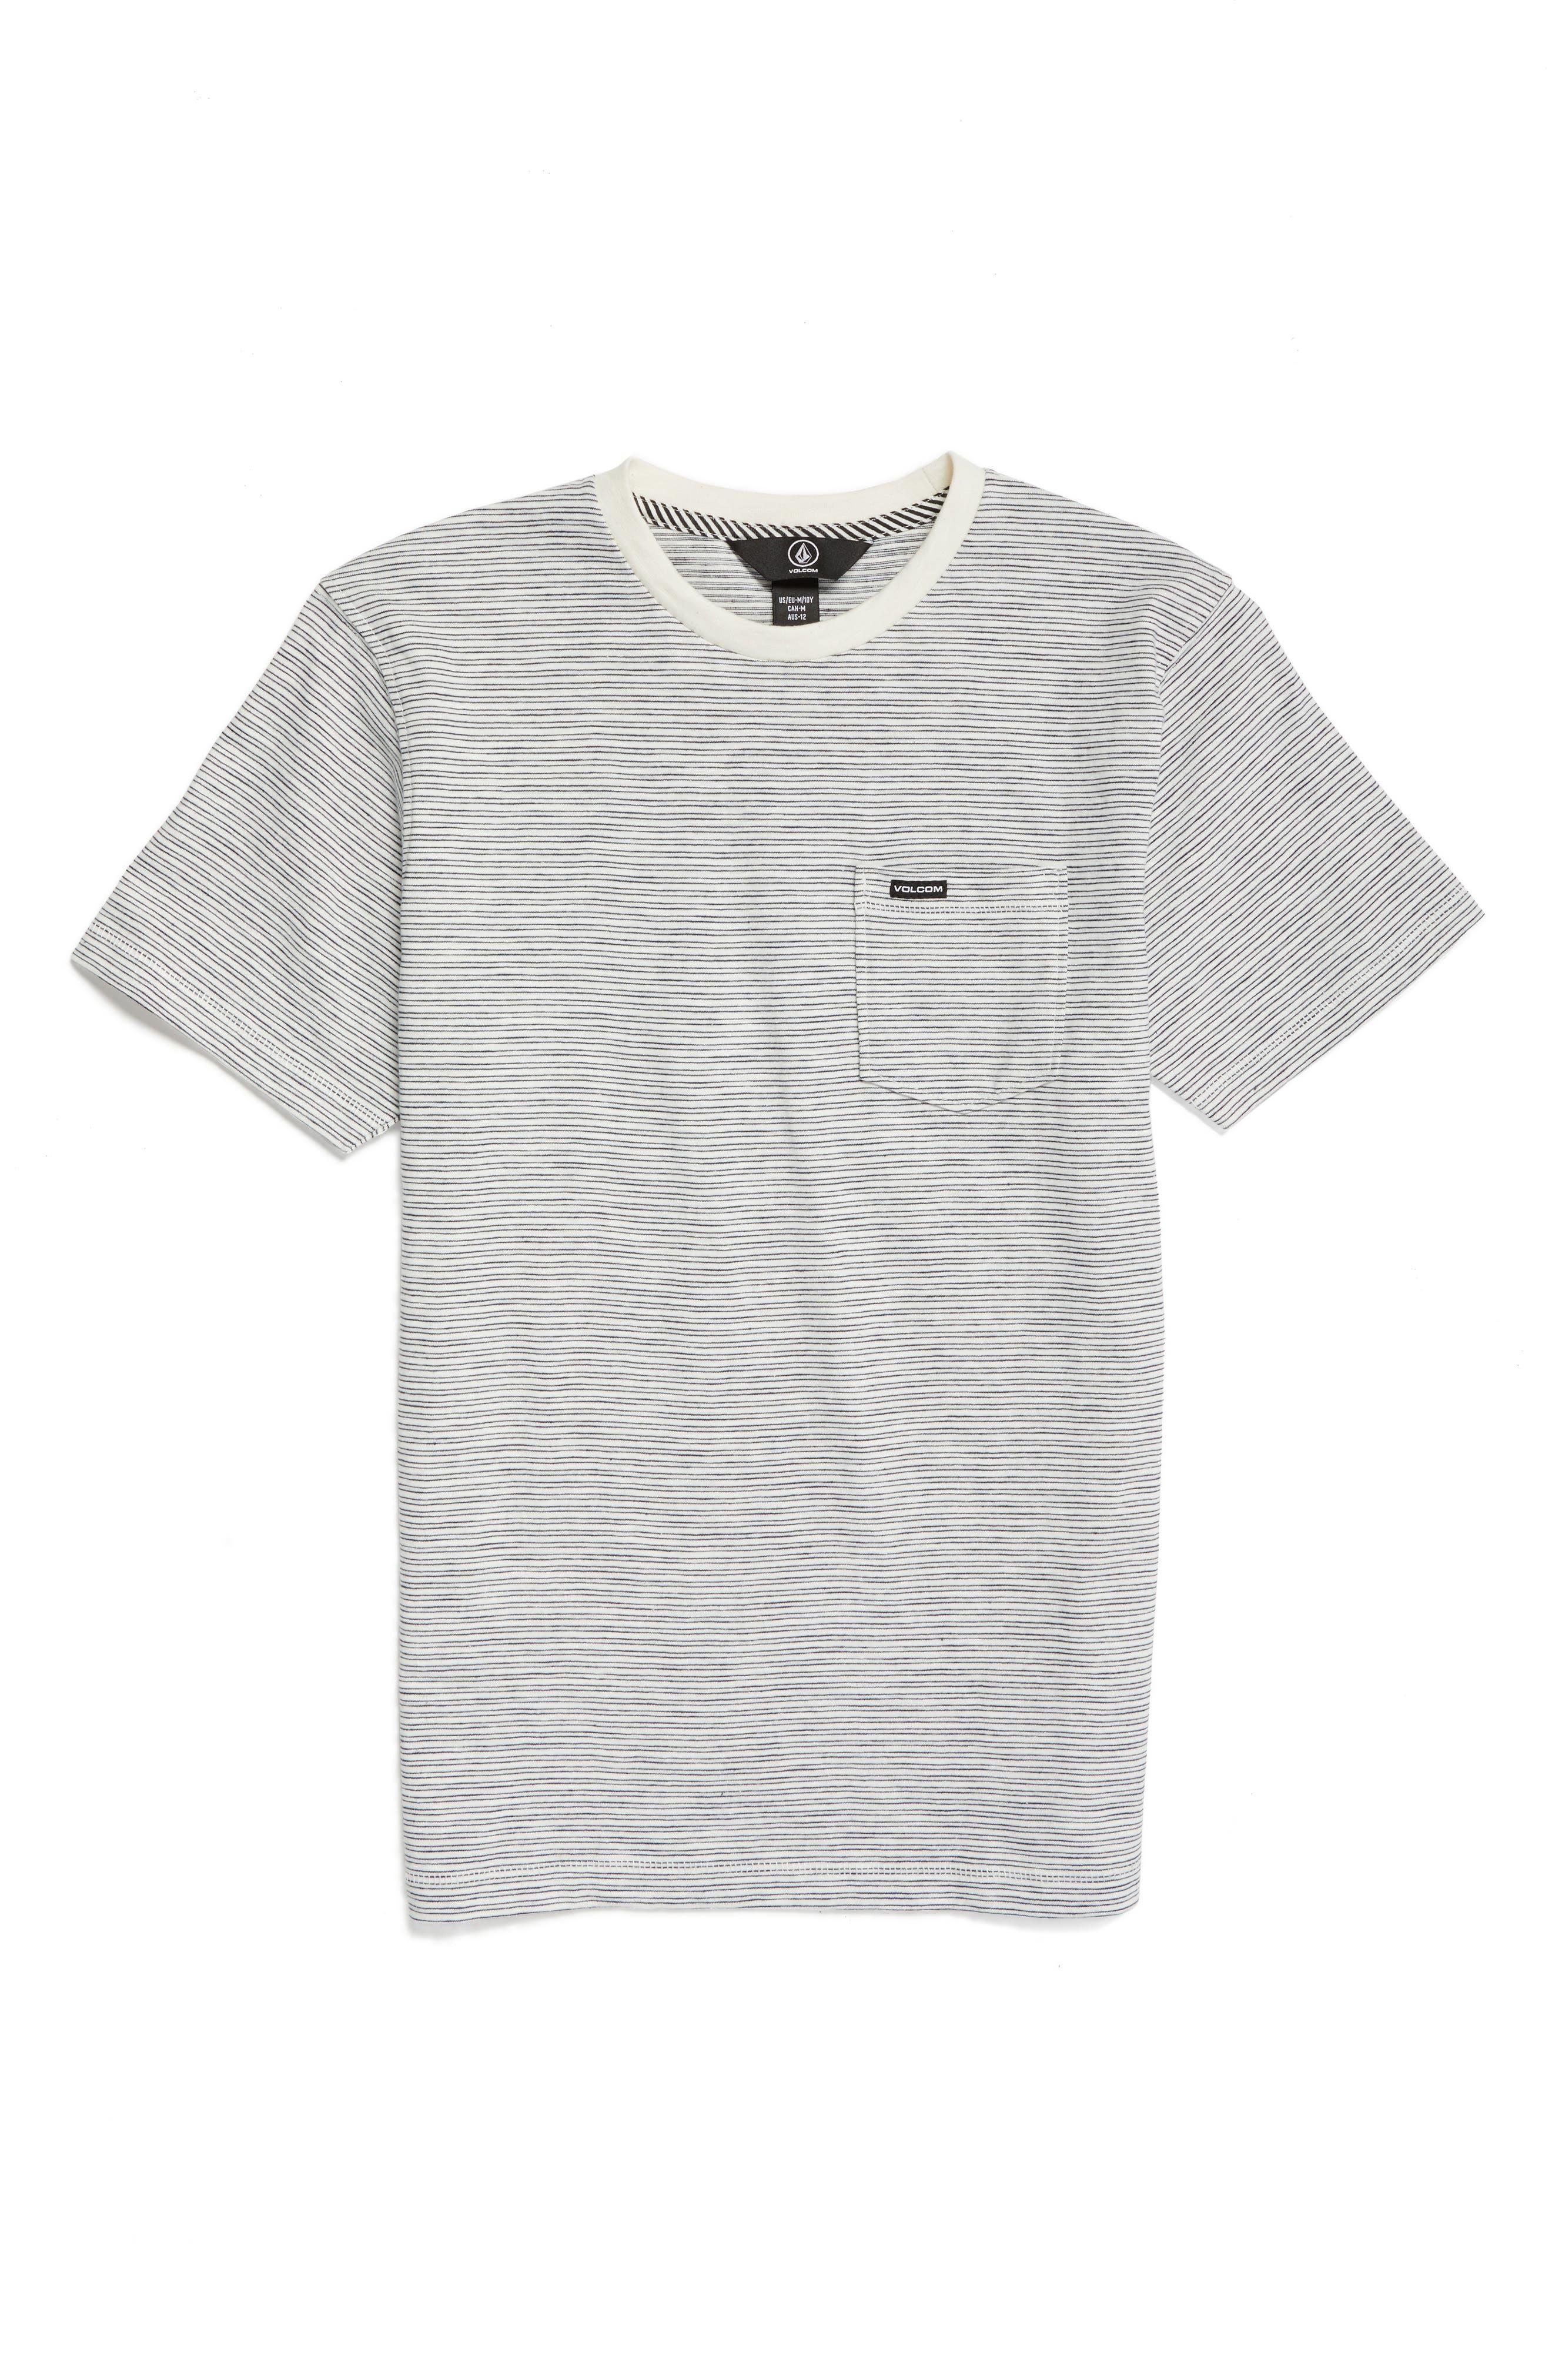 Volcom Bonus T-Shirt (Big Boys)